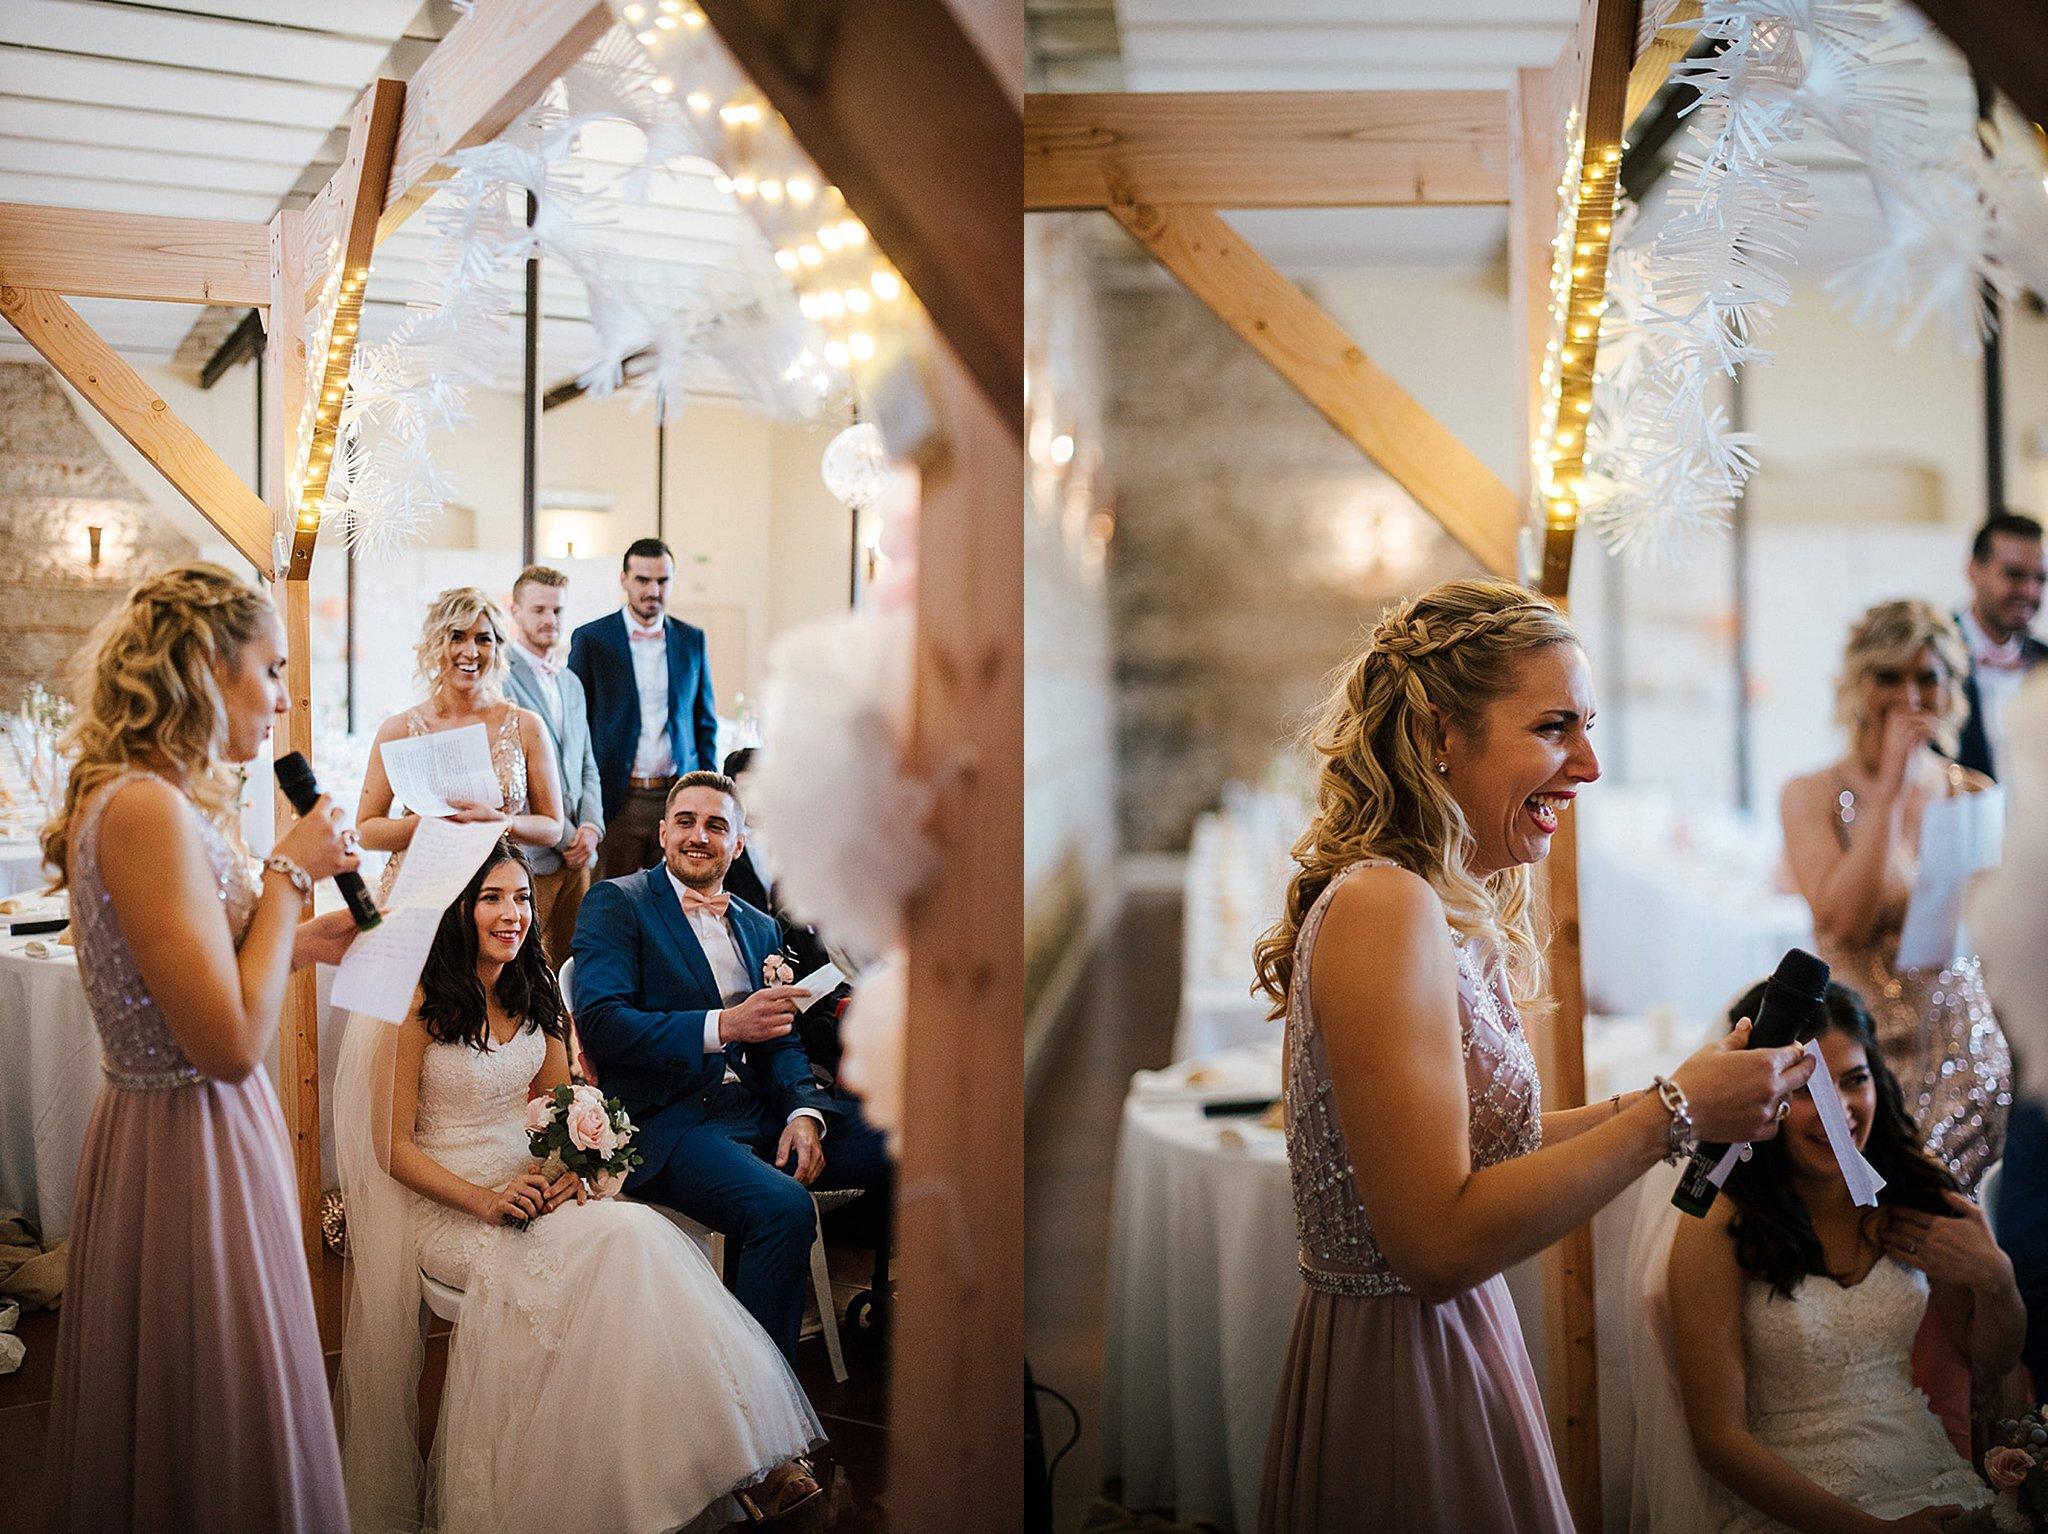 Domaine Belric mariage laique interieur4.jpg